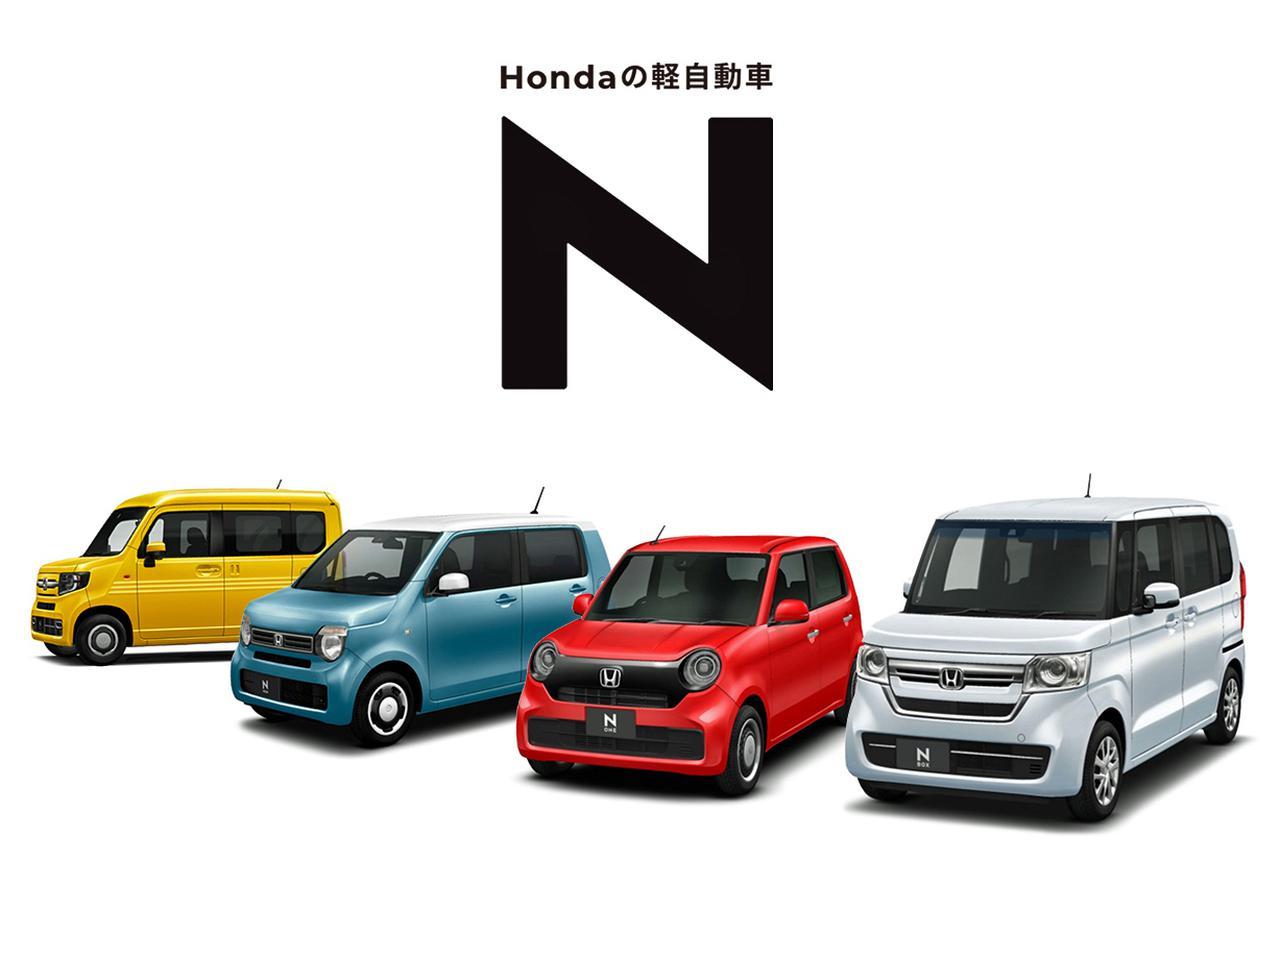 ホンダ「N」シリーズが販売台数300万台を突破! 初代N-BOX発売から10年弱での達成